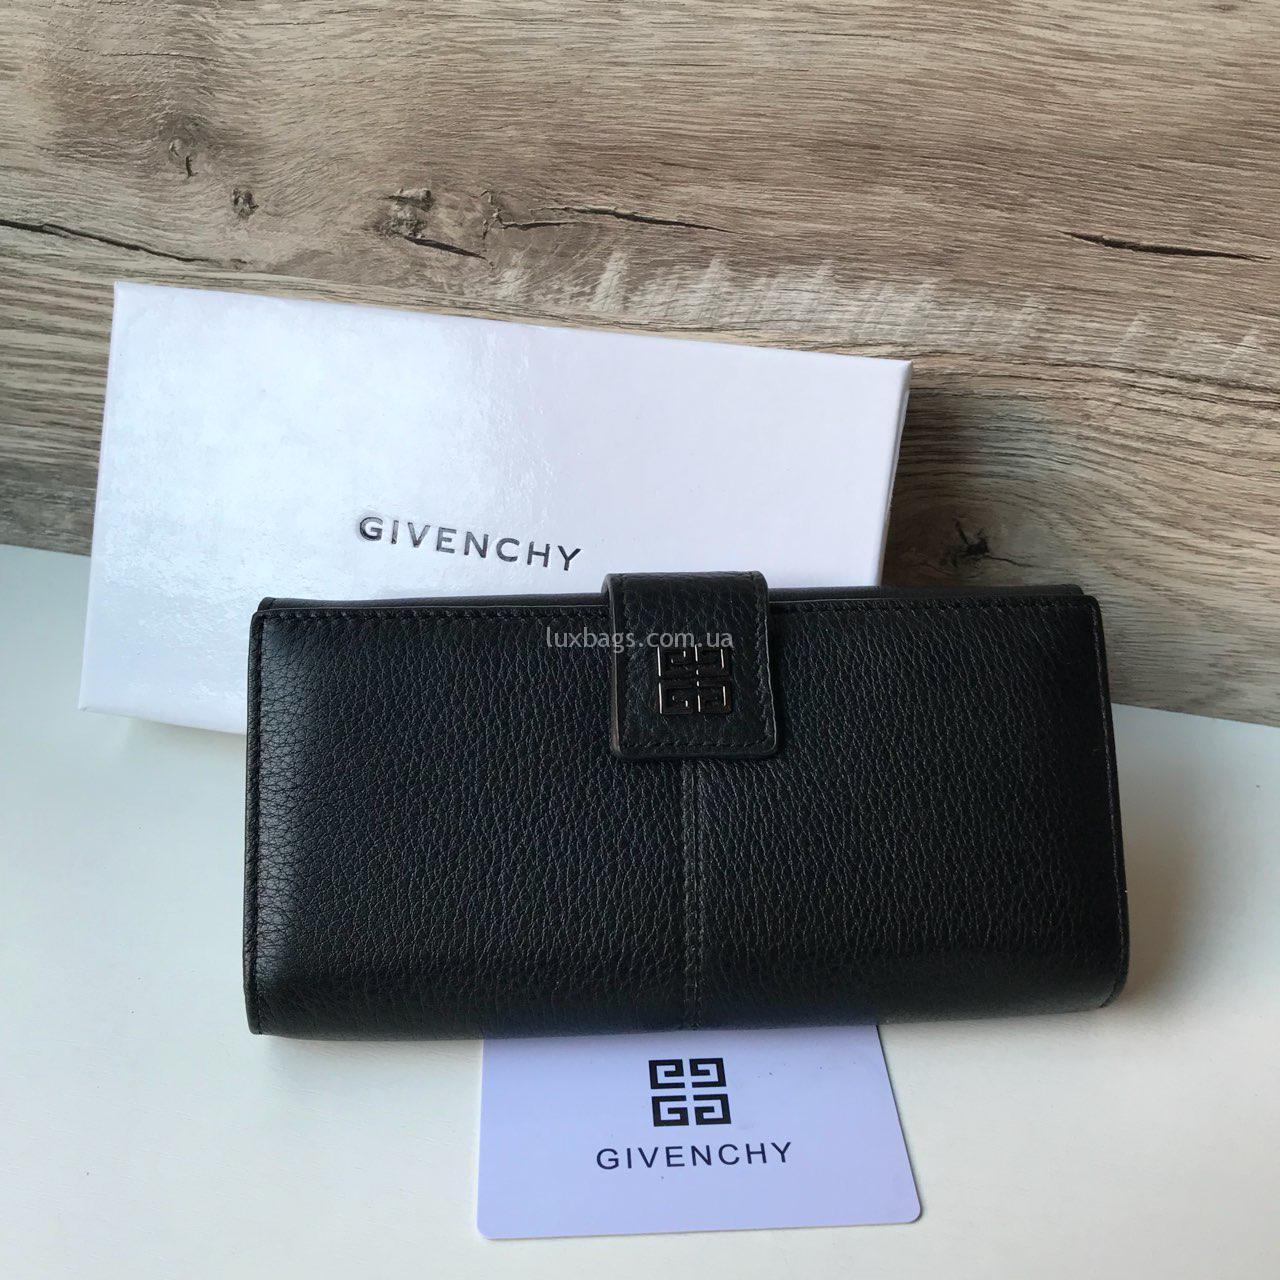 9cb7a8170ca1 СТИЛЬНЫЙ КОЖАНЫЙ КОШЕЛЁК Givenchy Купить на lux-bags